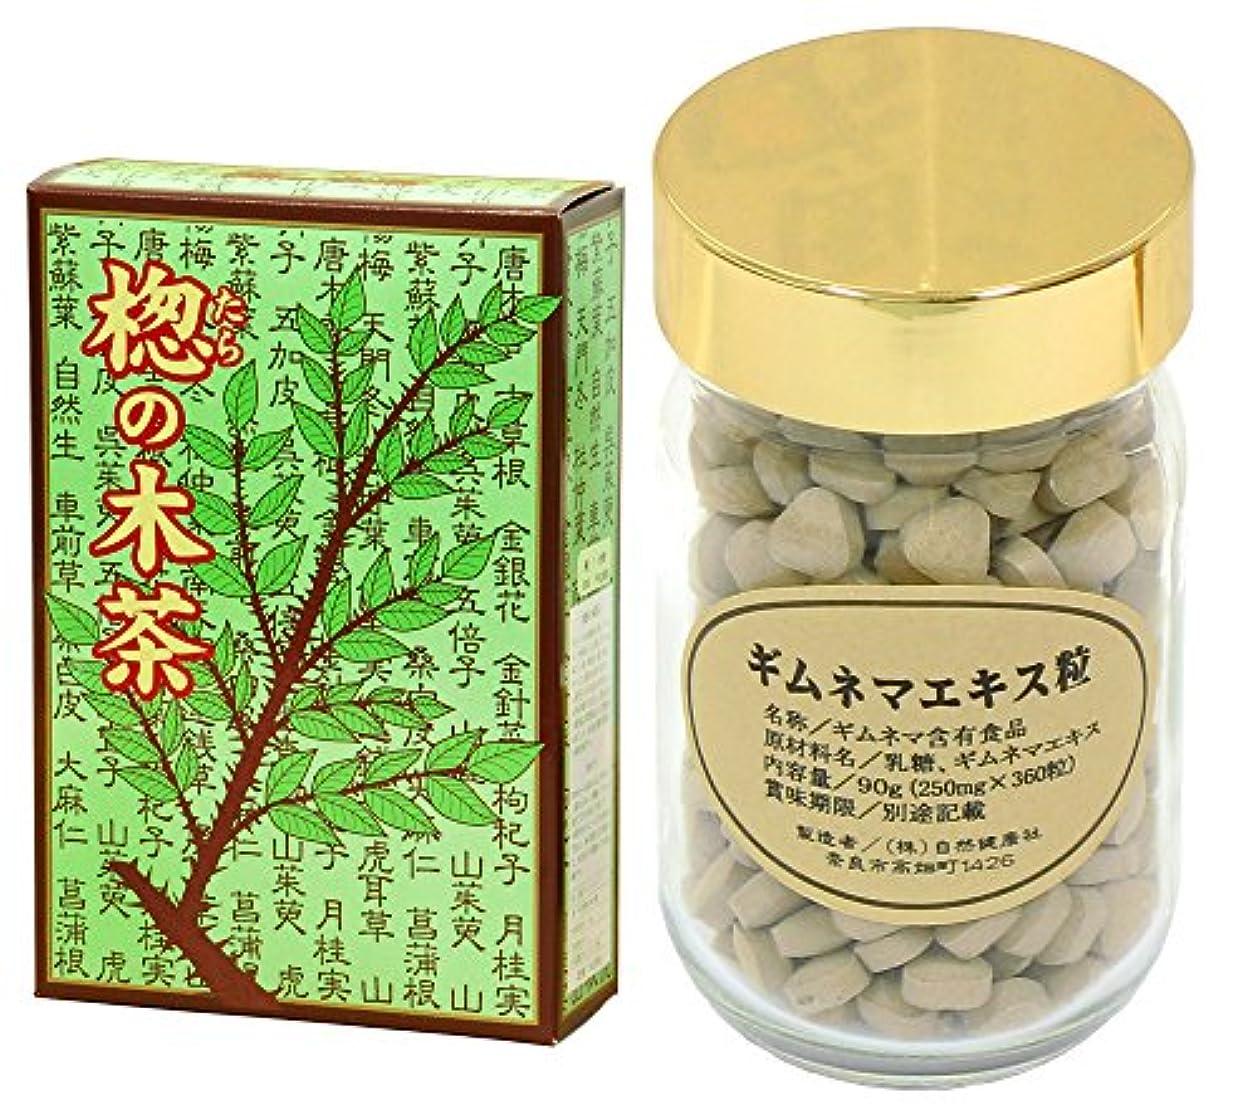 十代信頼私たちの自然健康社 国産タラノキ茶 30パック + ギムネマエキス粒 90g